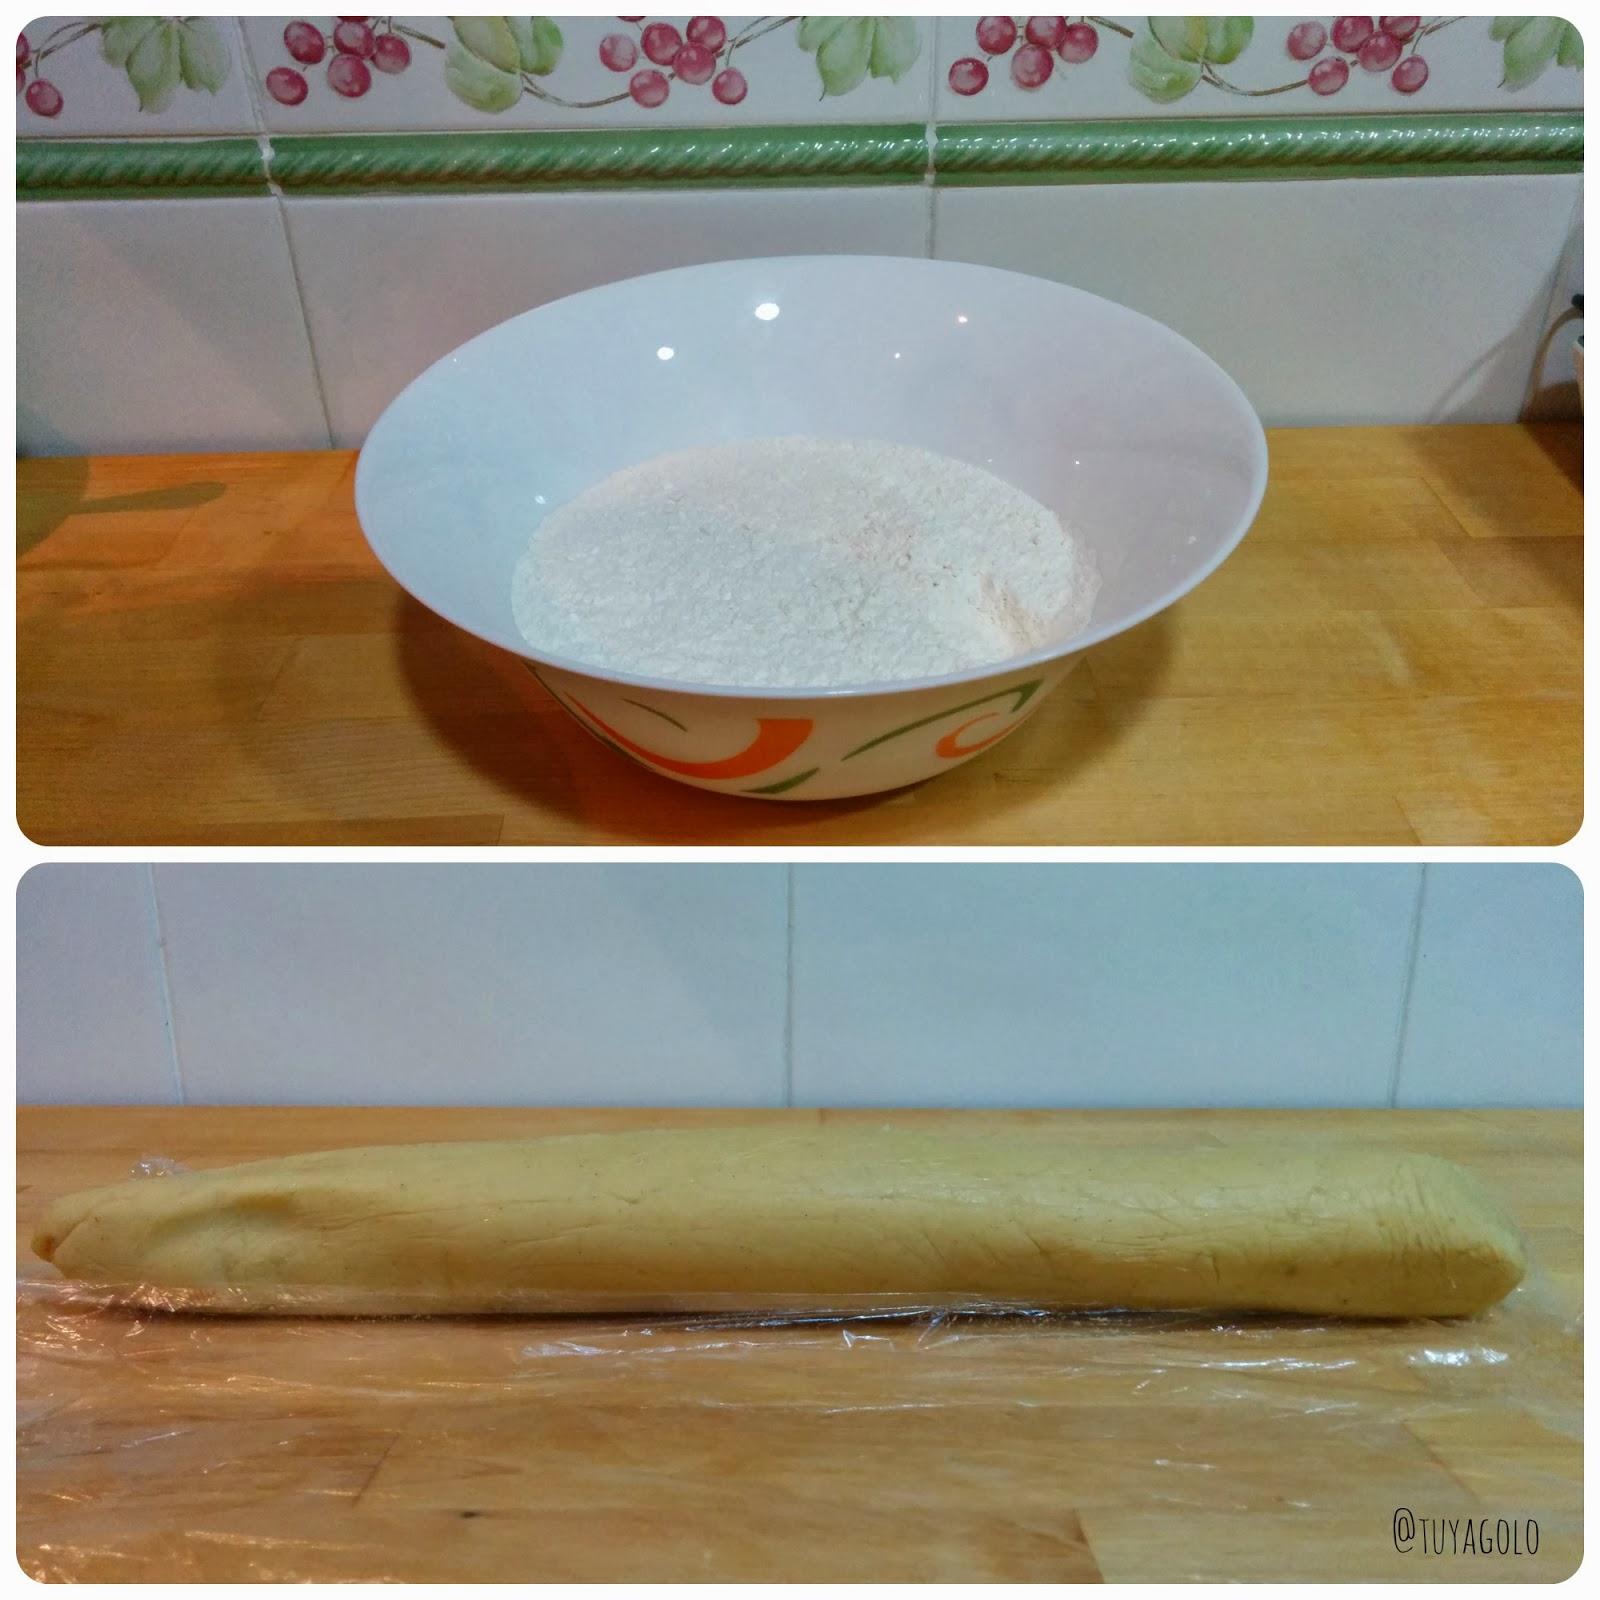 proceso preparar galletas chocolate y vainilla